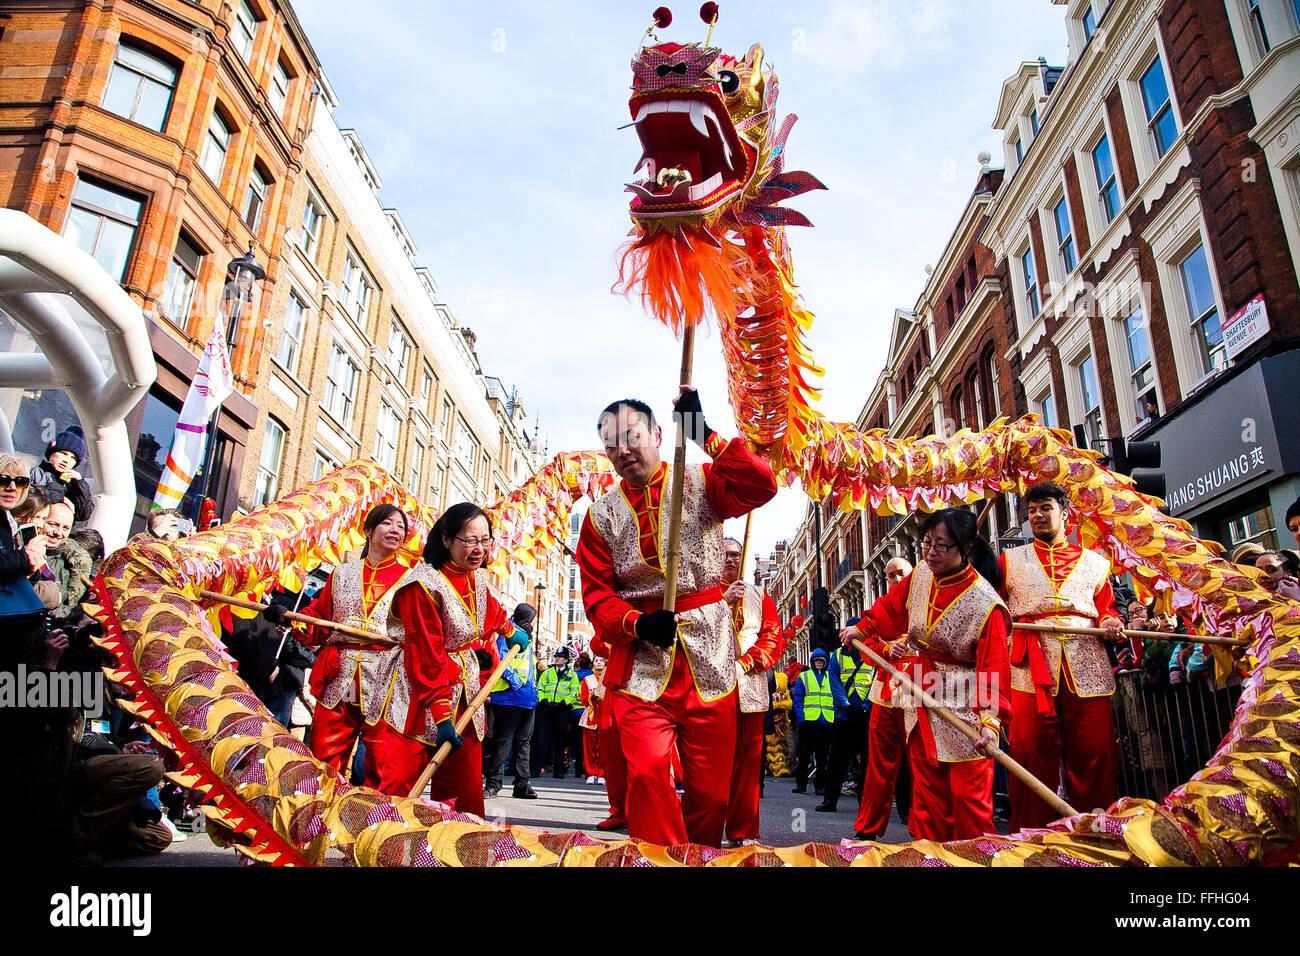 Londres, Reino Unido. 14 de febrero de 2016. El dragón chino baila en el Desfile del Año Nuevo chino 2016 Imagen De Stock